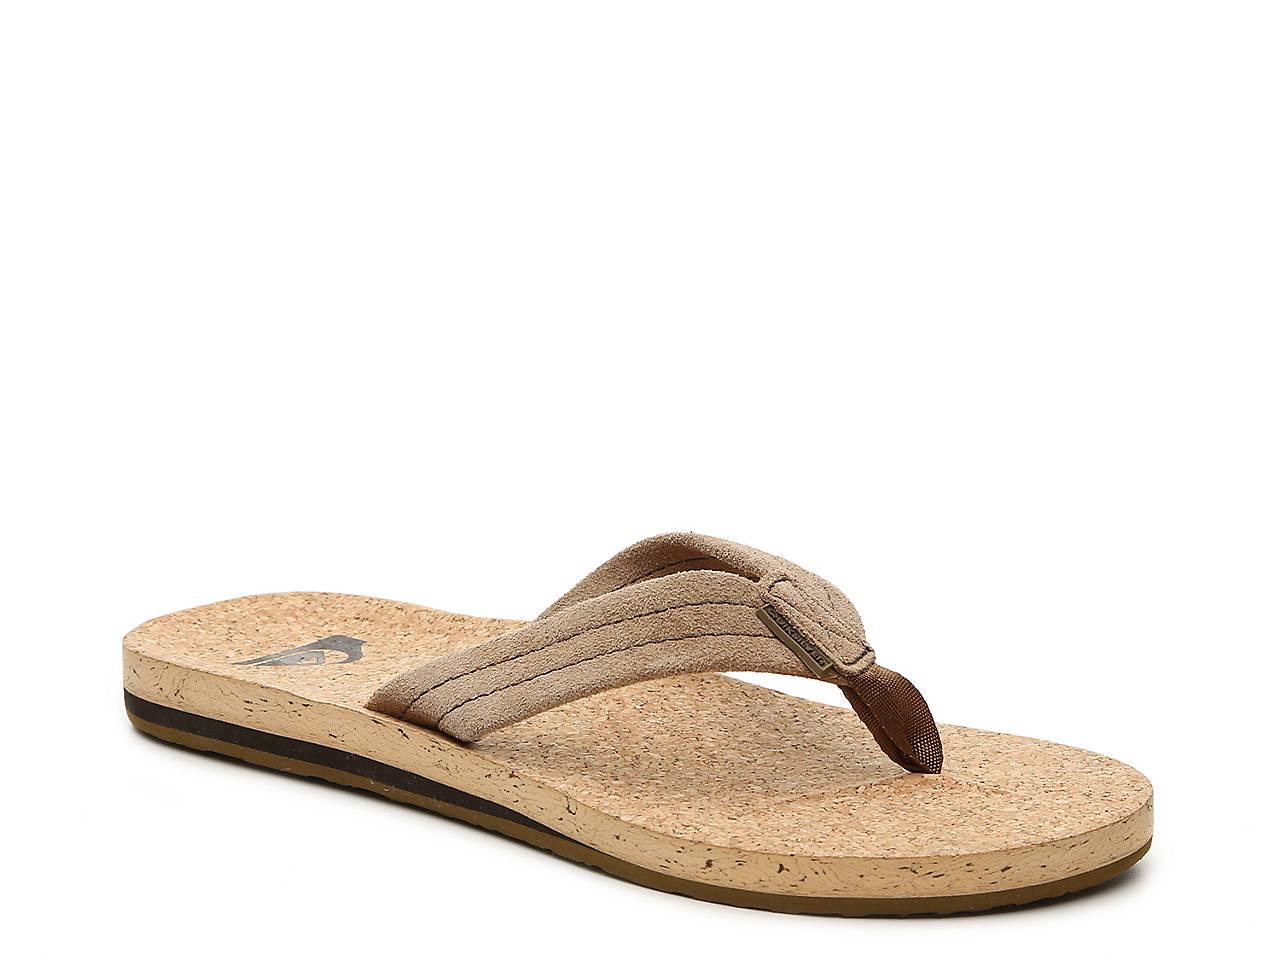 cd9f35d54e4 Quiksilver Carver Cork Flip Flop Men s Shoes